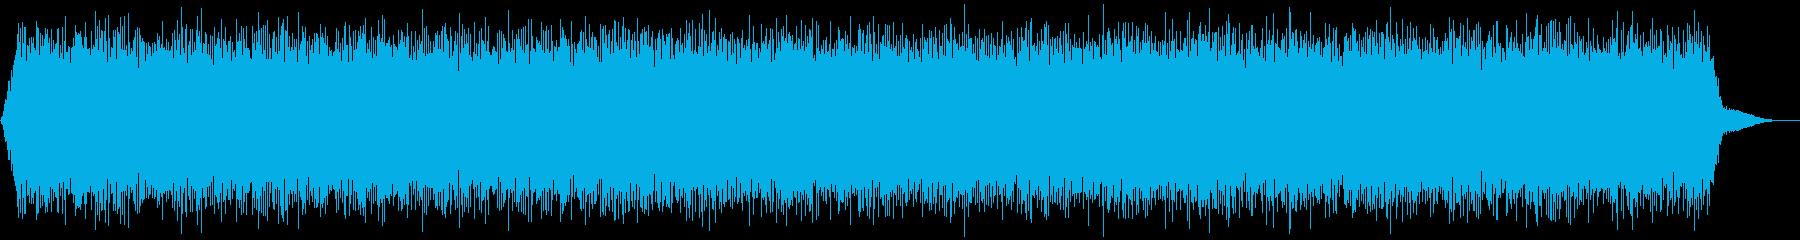 【アンビエント】ドローン_15 実験音の再生済みの波形